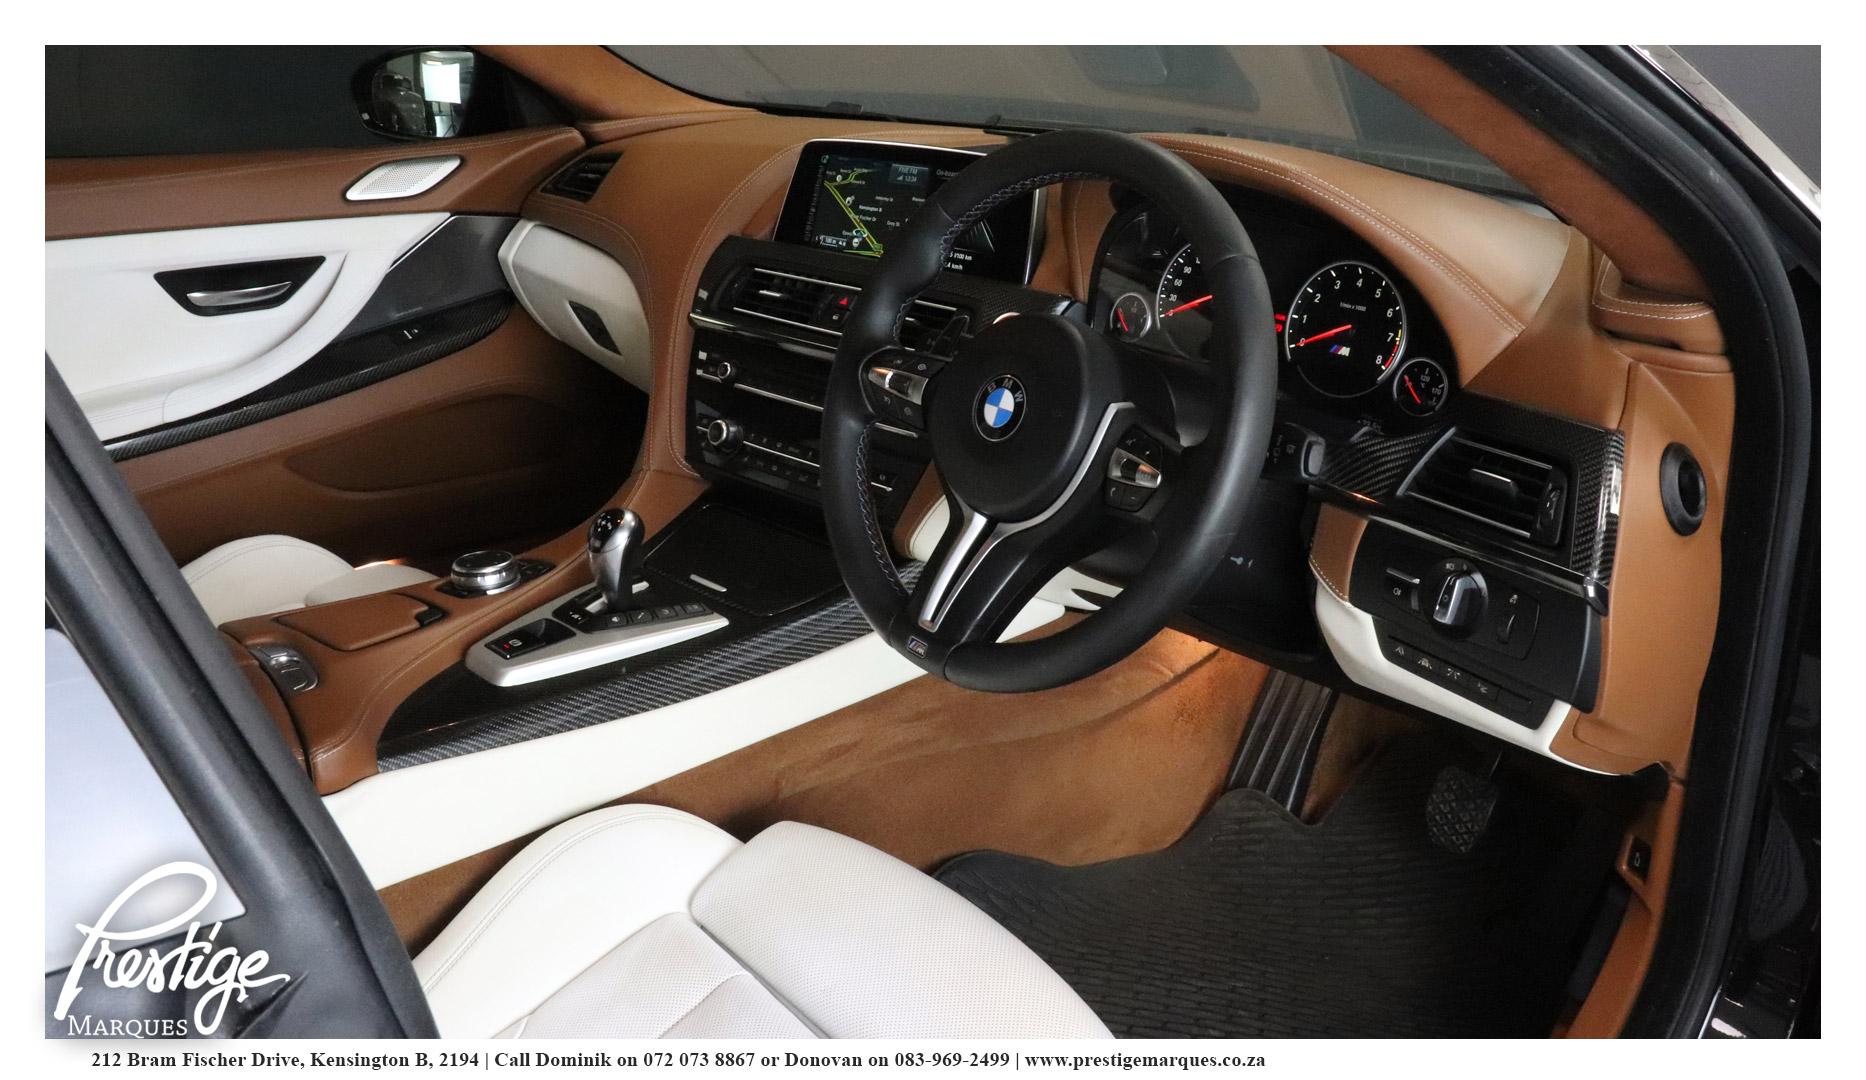 Prestige-Marques-BMW-M6-GranCoupe-2015-9